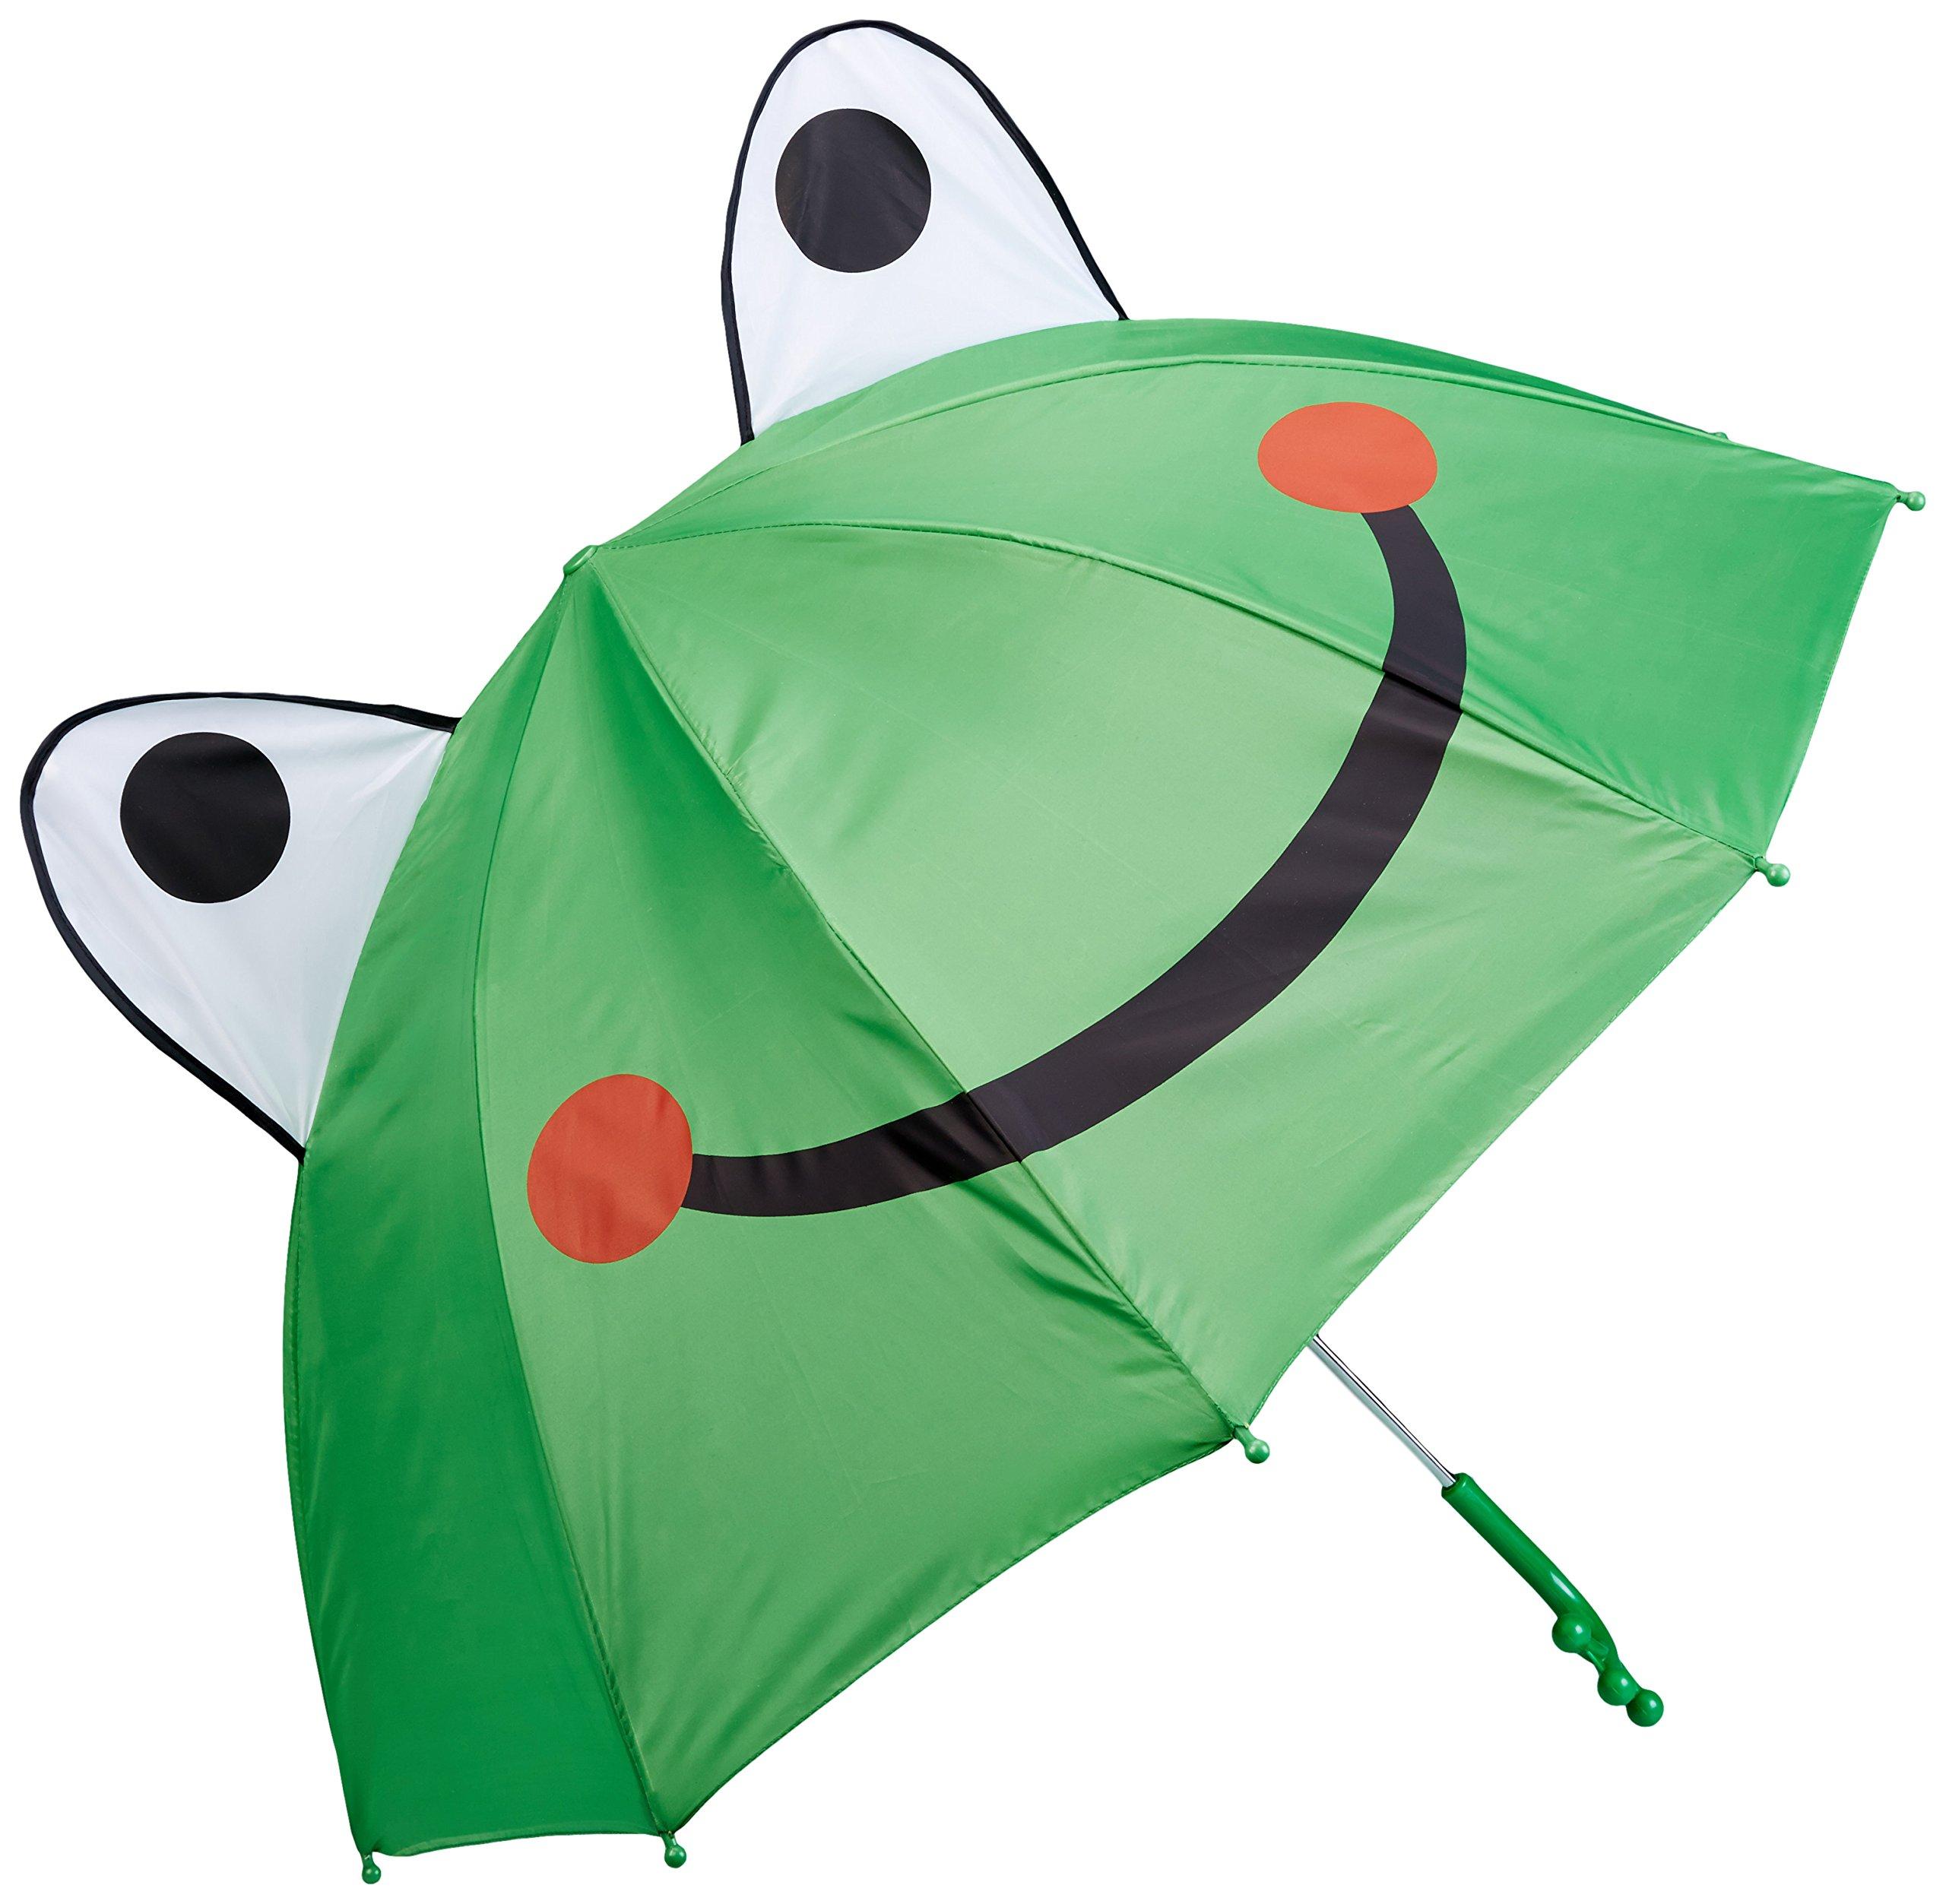 Kidorable Frog Umbrella, Green, Adult Size